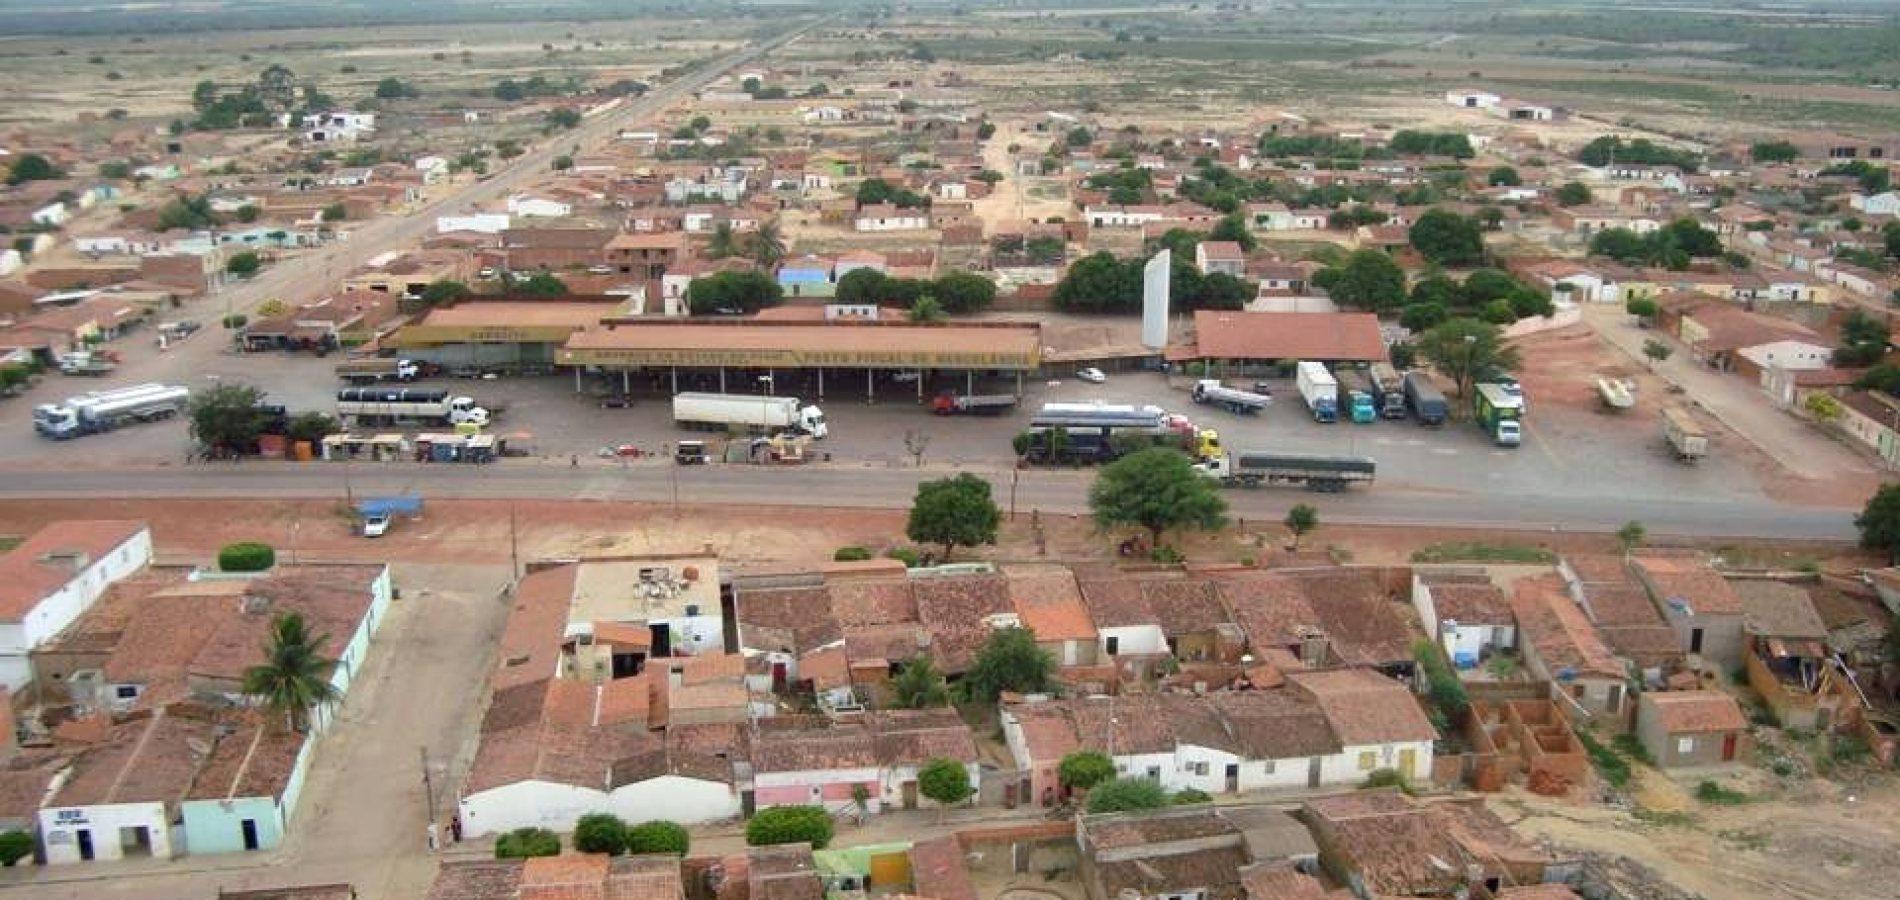 Produção de energia eólica gera renda e movimenta economia em Marcolândia